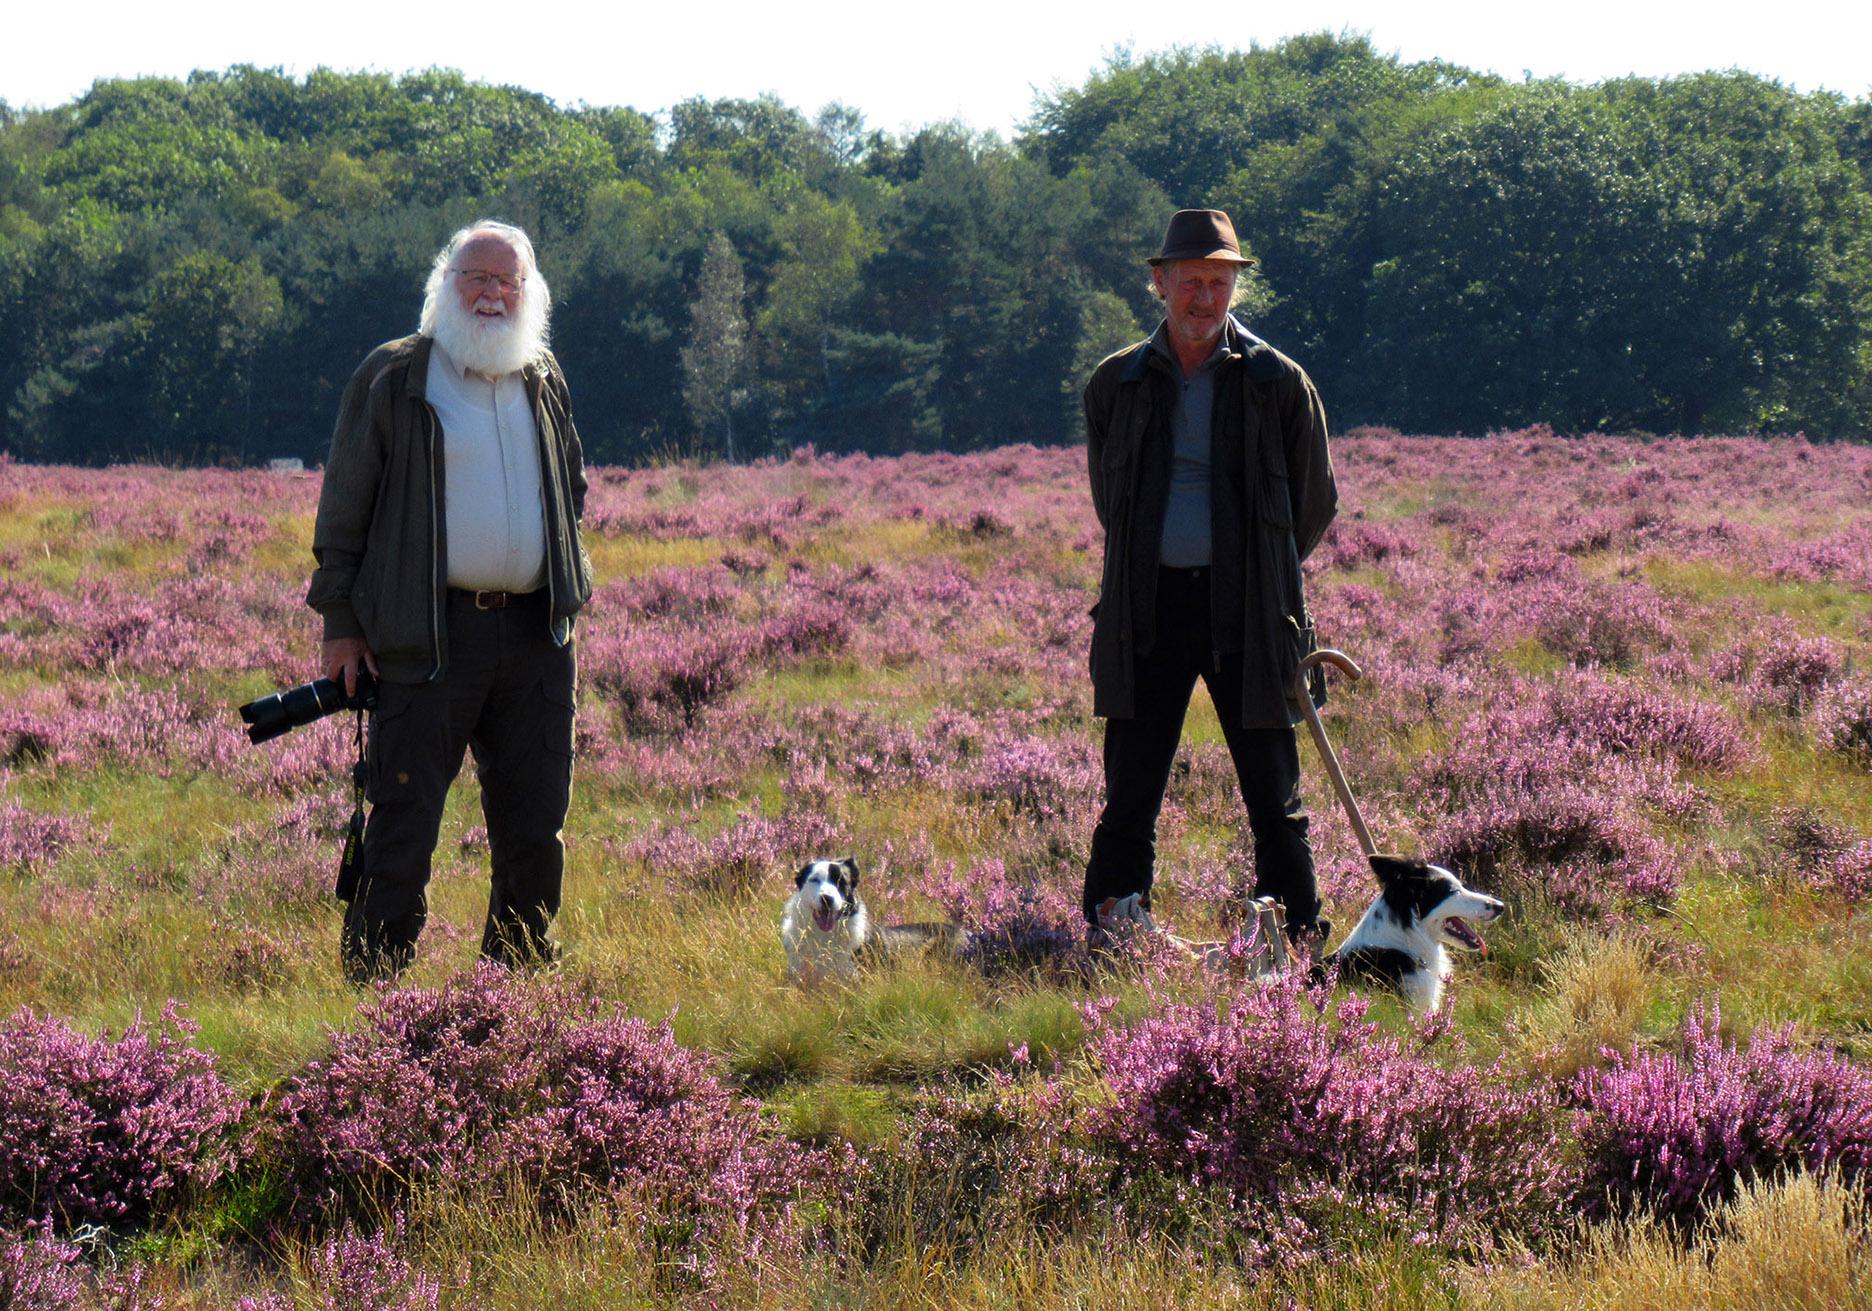 Twee oude bekenden in de paarse heide, de verhalenverteller en de schaapherder - Foto: ©Fransien Fraanje